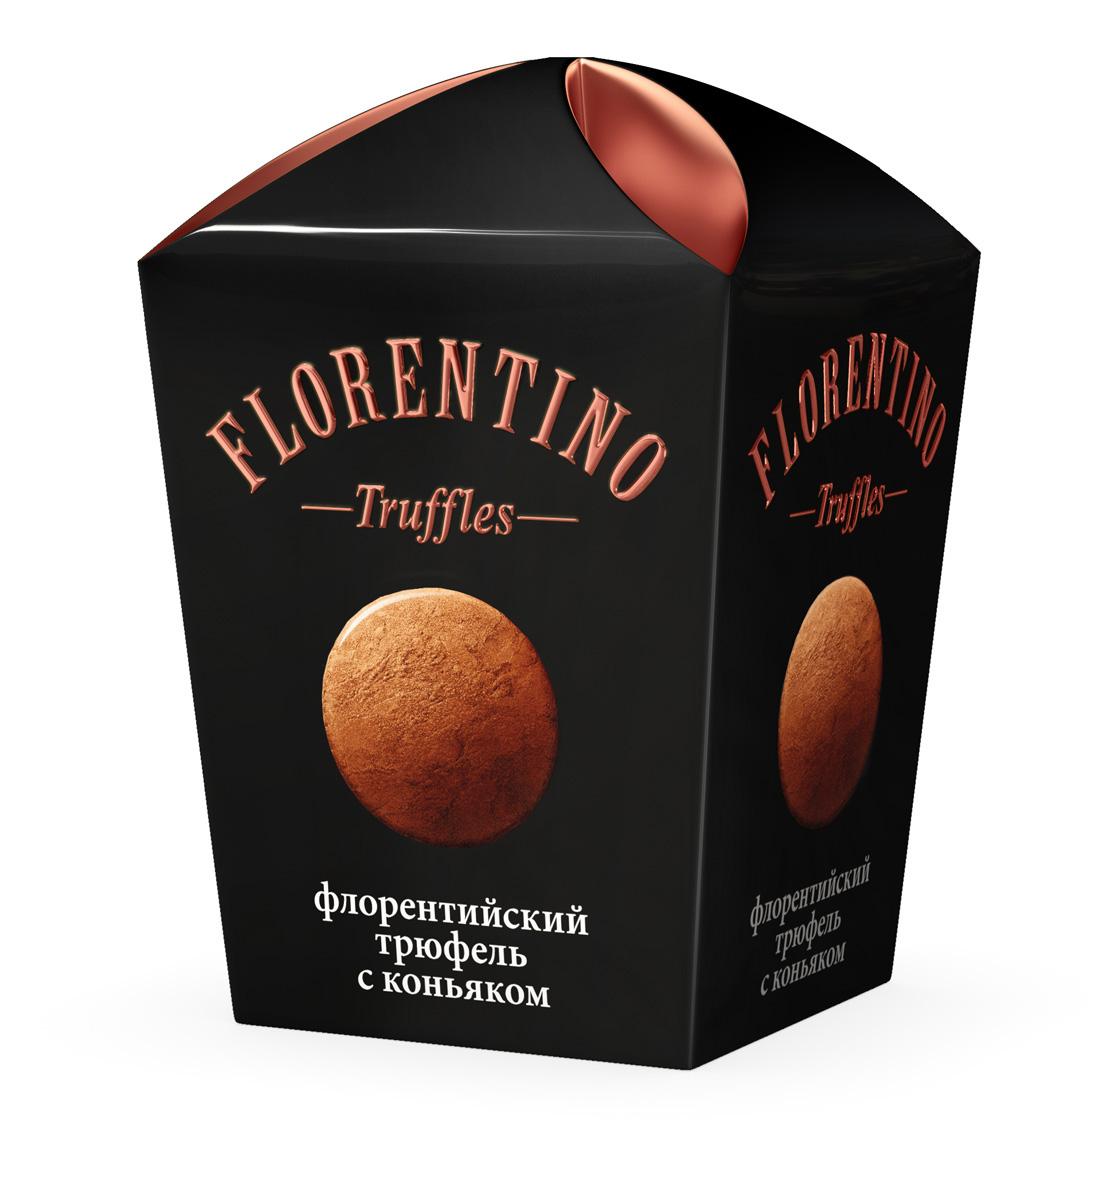 Florentino Флорентийский трюфель конфеты с коньяком, 175 г сумка st vatican florentino 1501